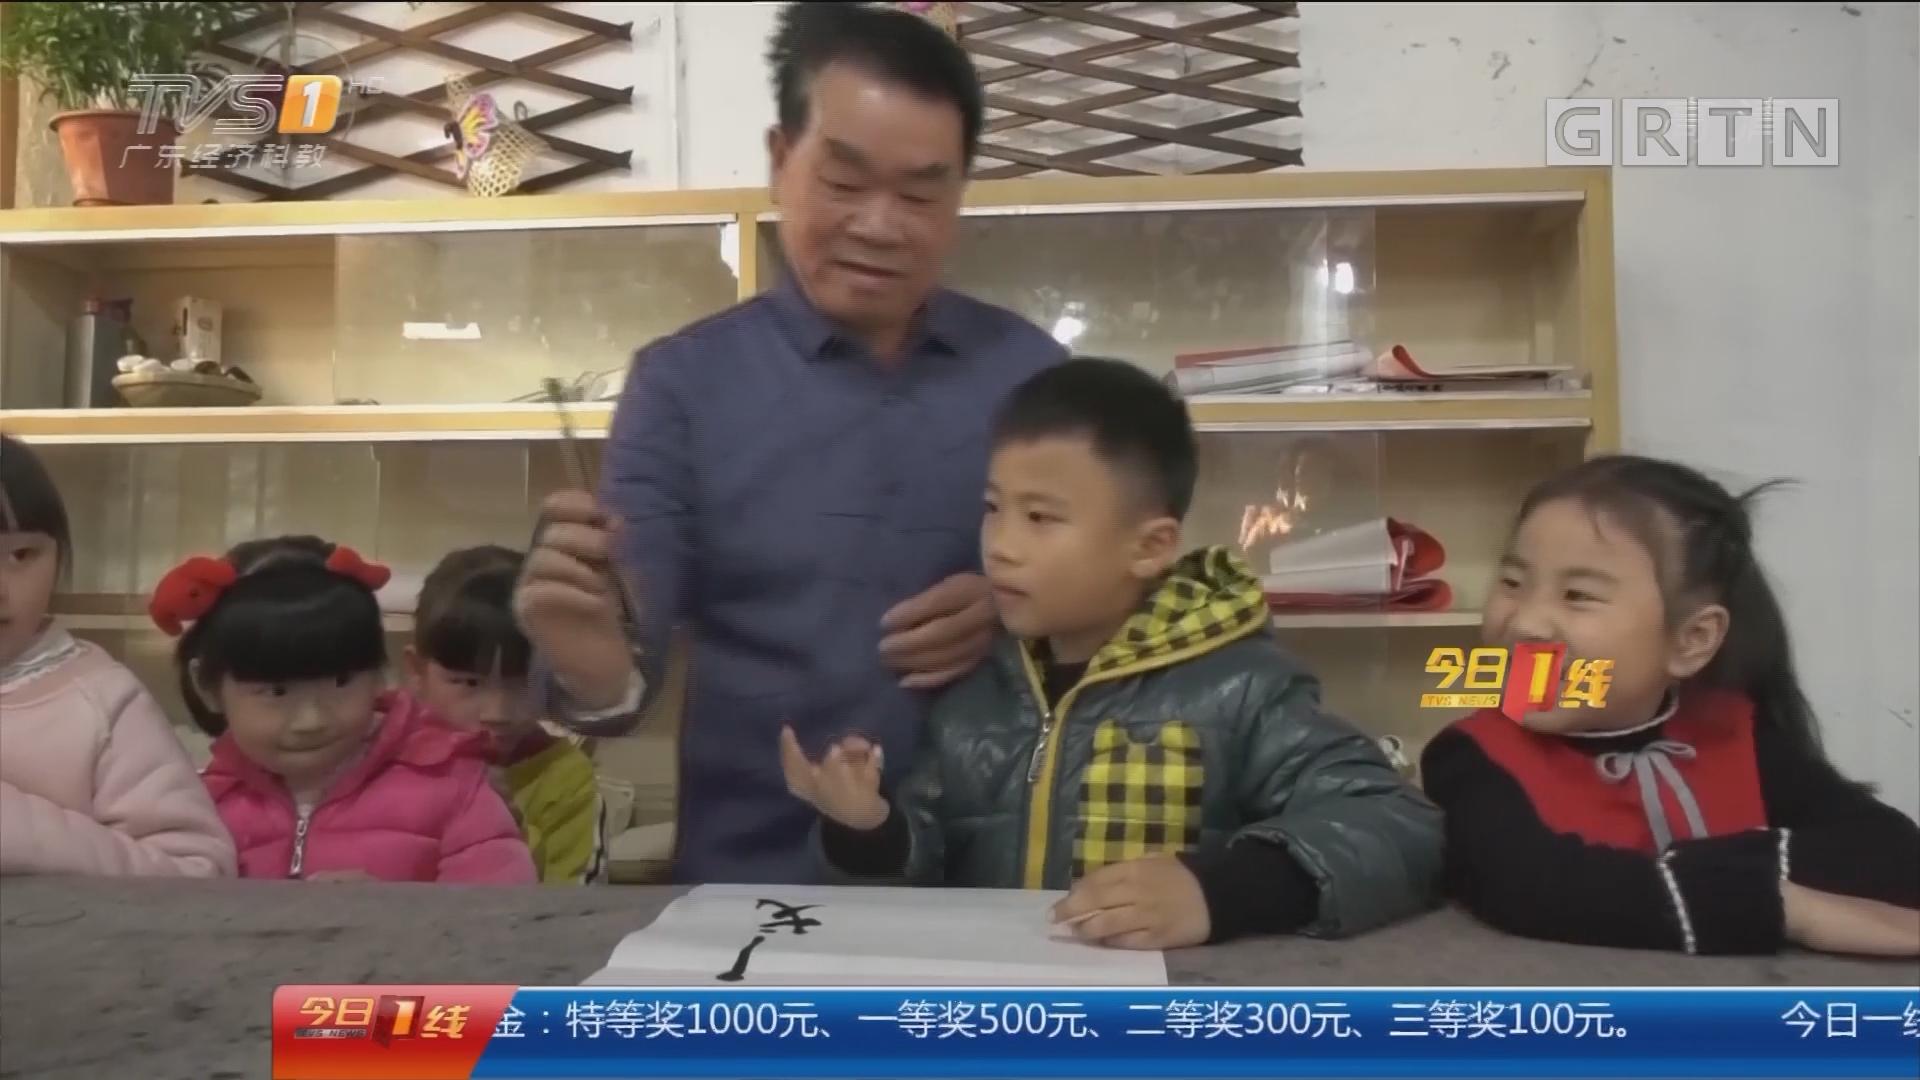 汕头澄海:乡村书院成了网红 传承文化开路先锋